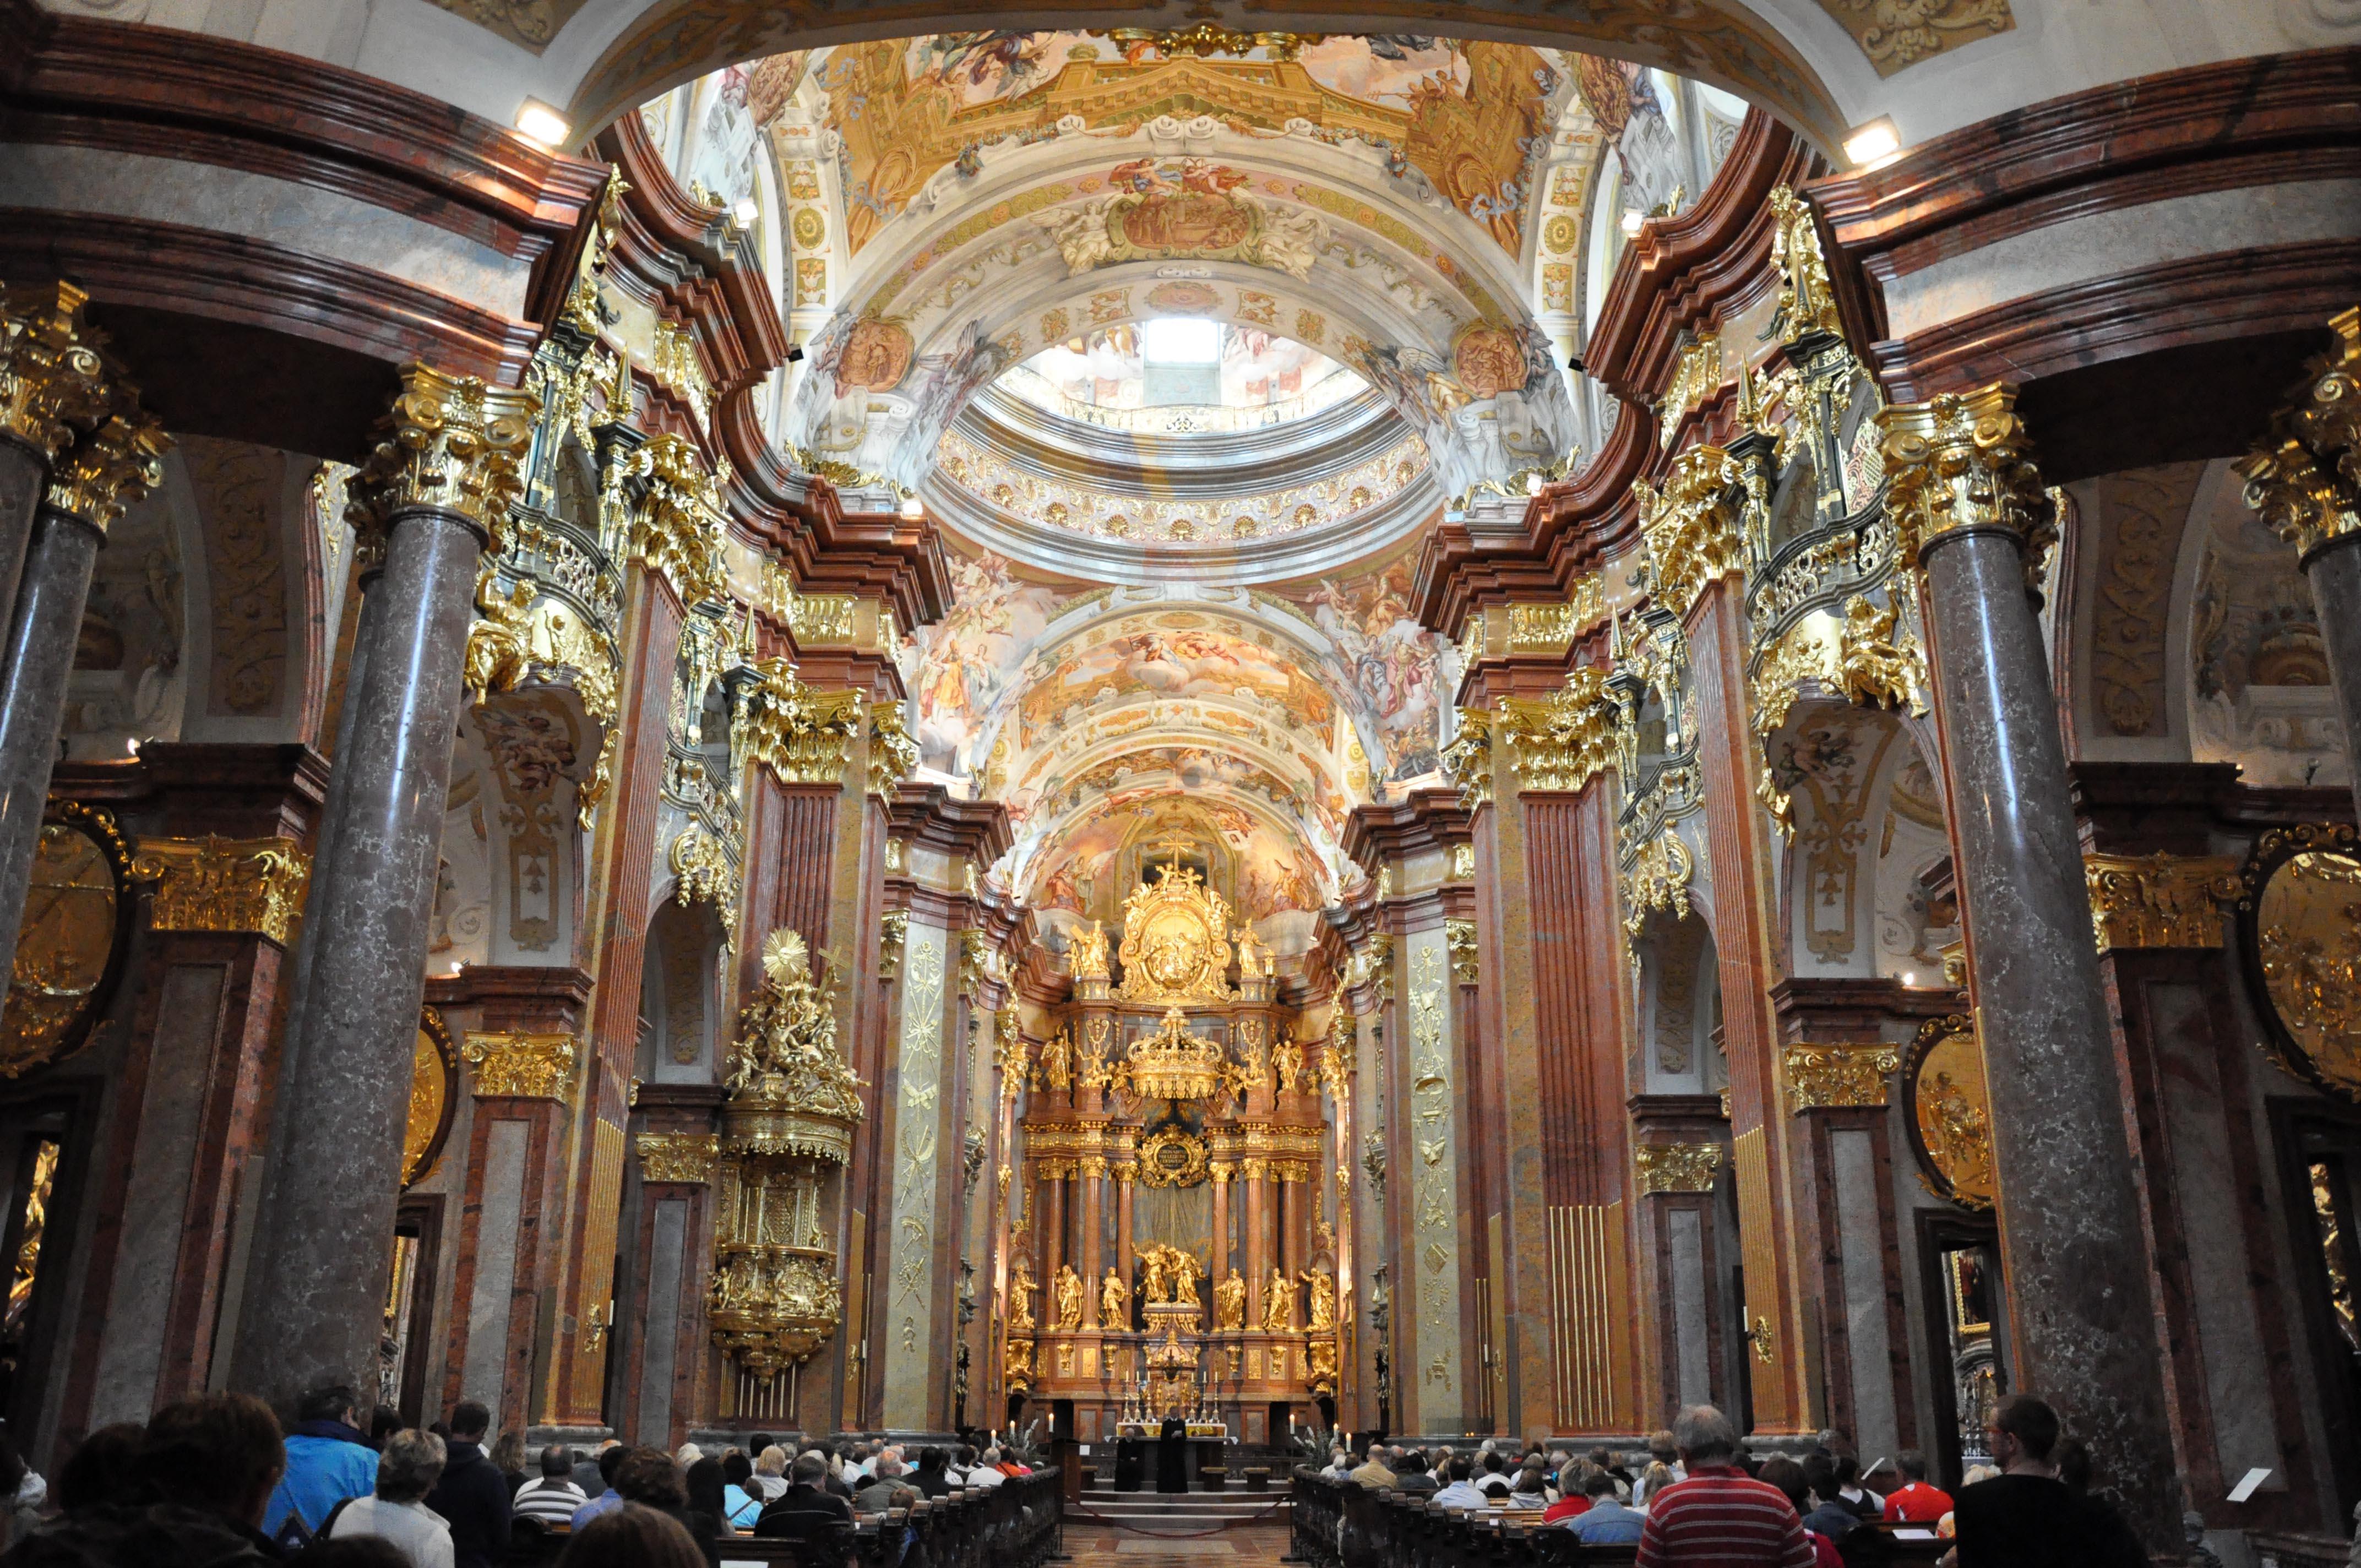 Le 10 migliori attrazioni turistiche in Austria